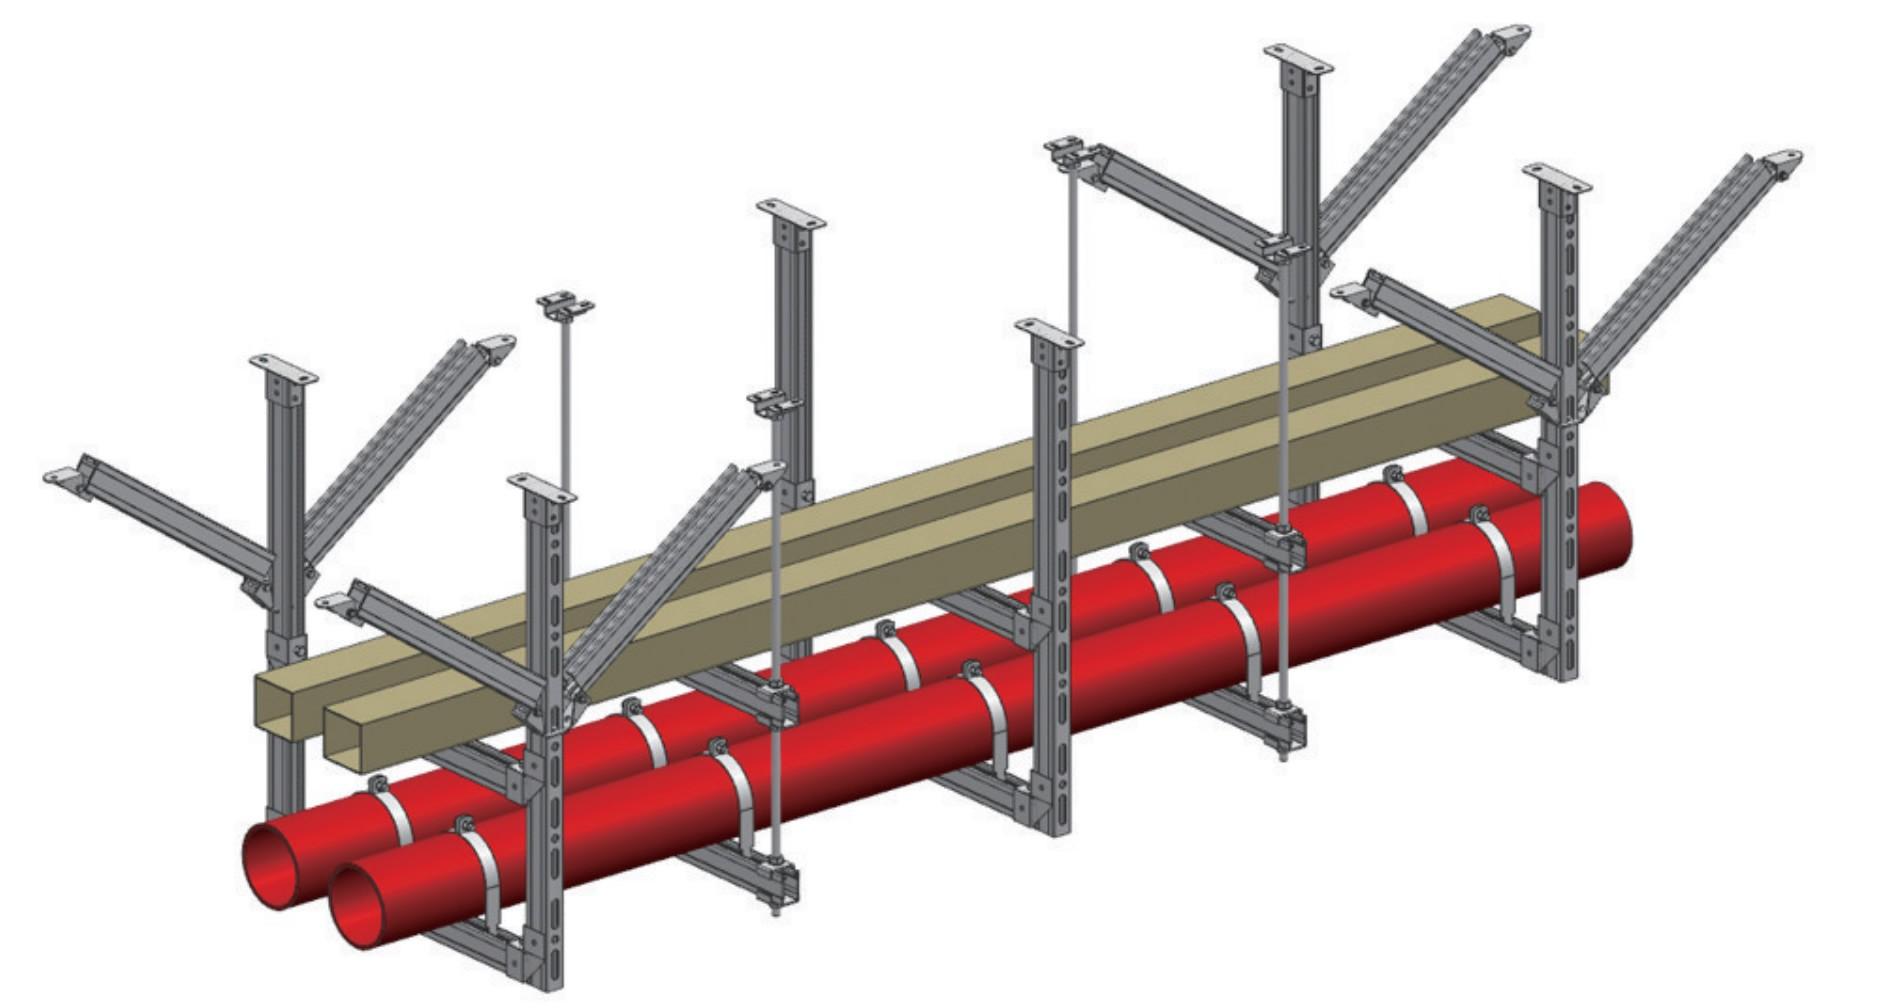 地铁支吊架产品发展趋势和新兴类别